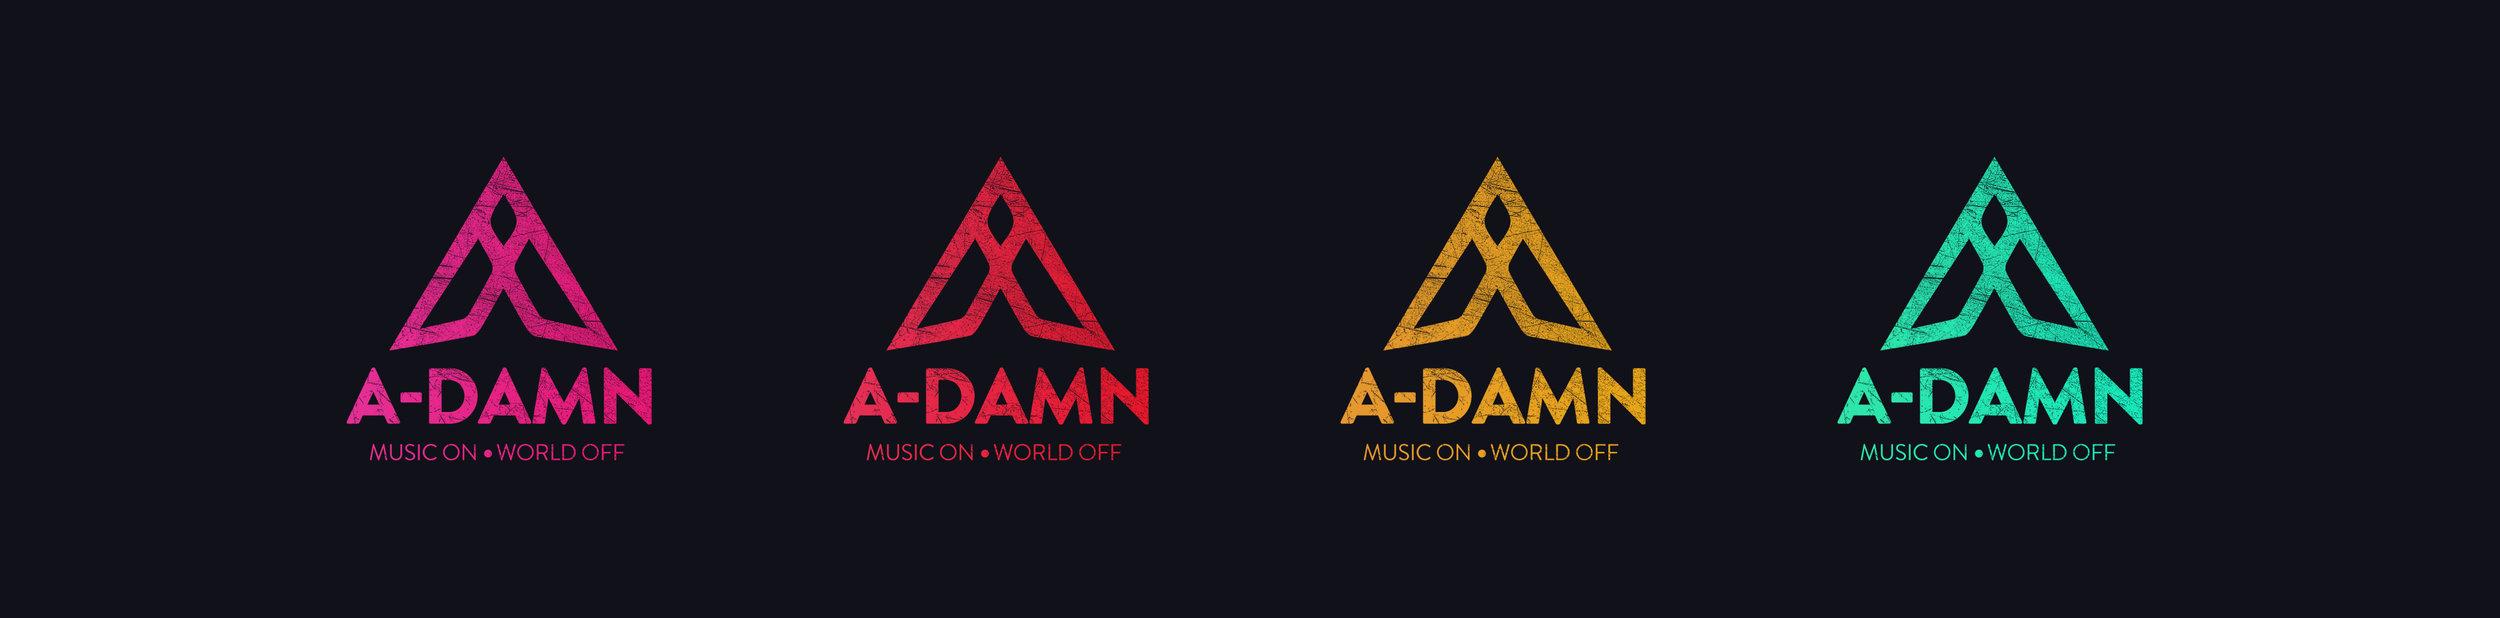 LogoAdamn_ColorGrungeSet.jpg